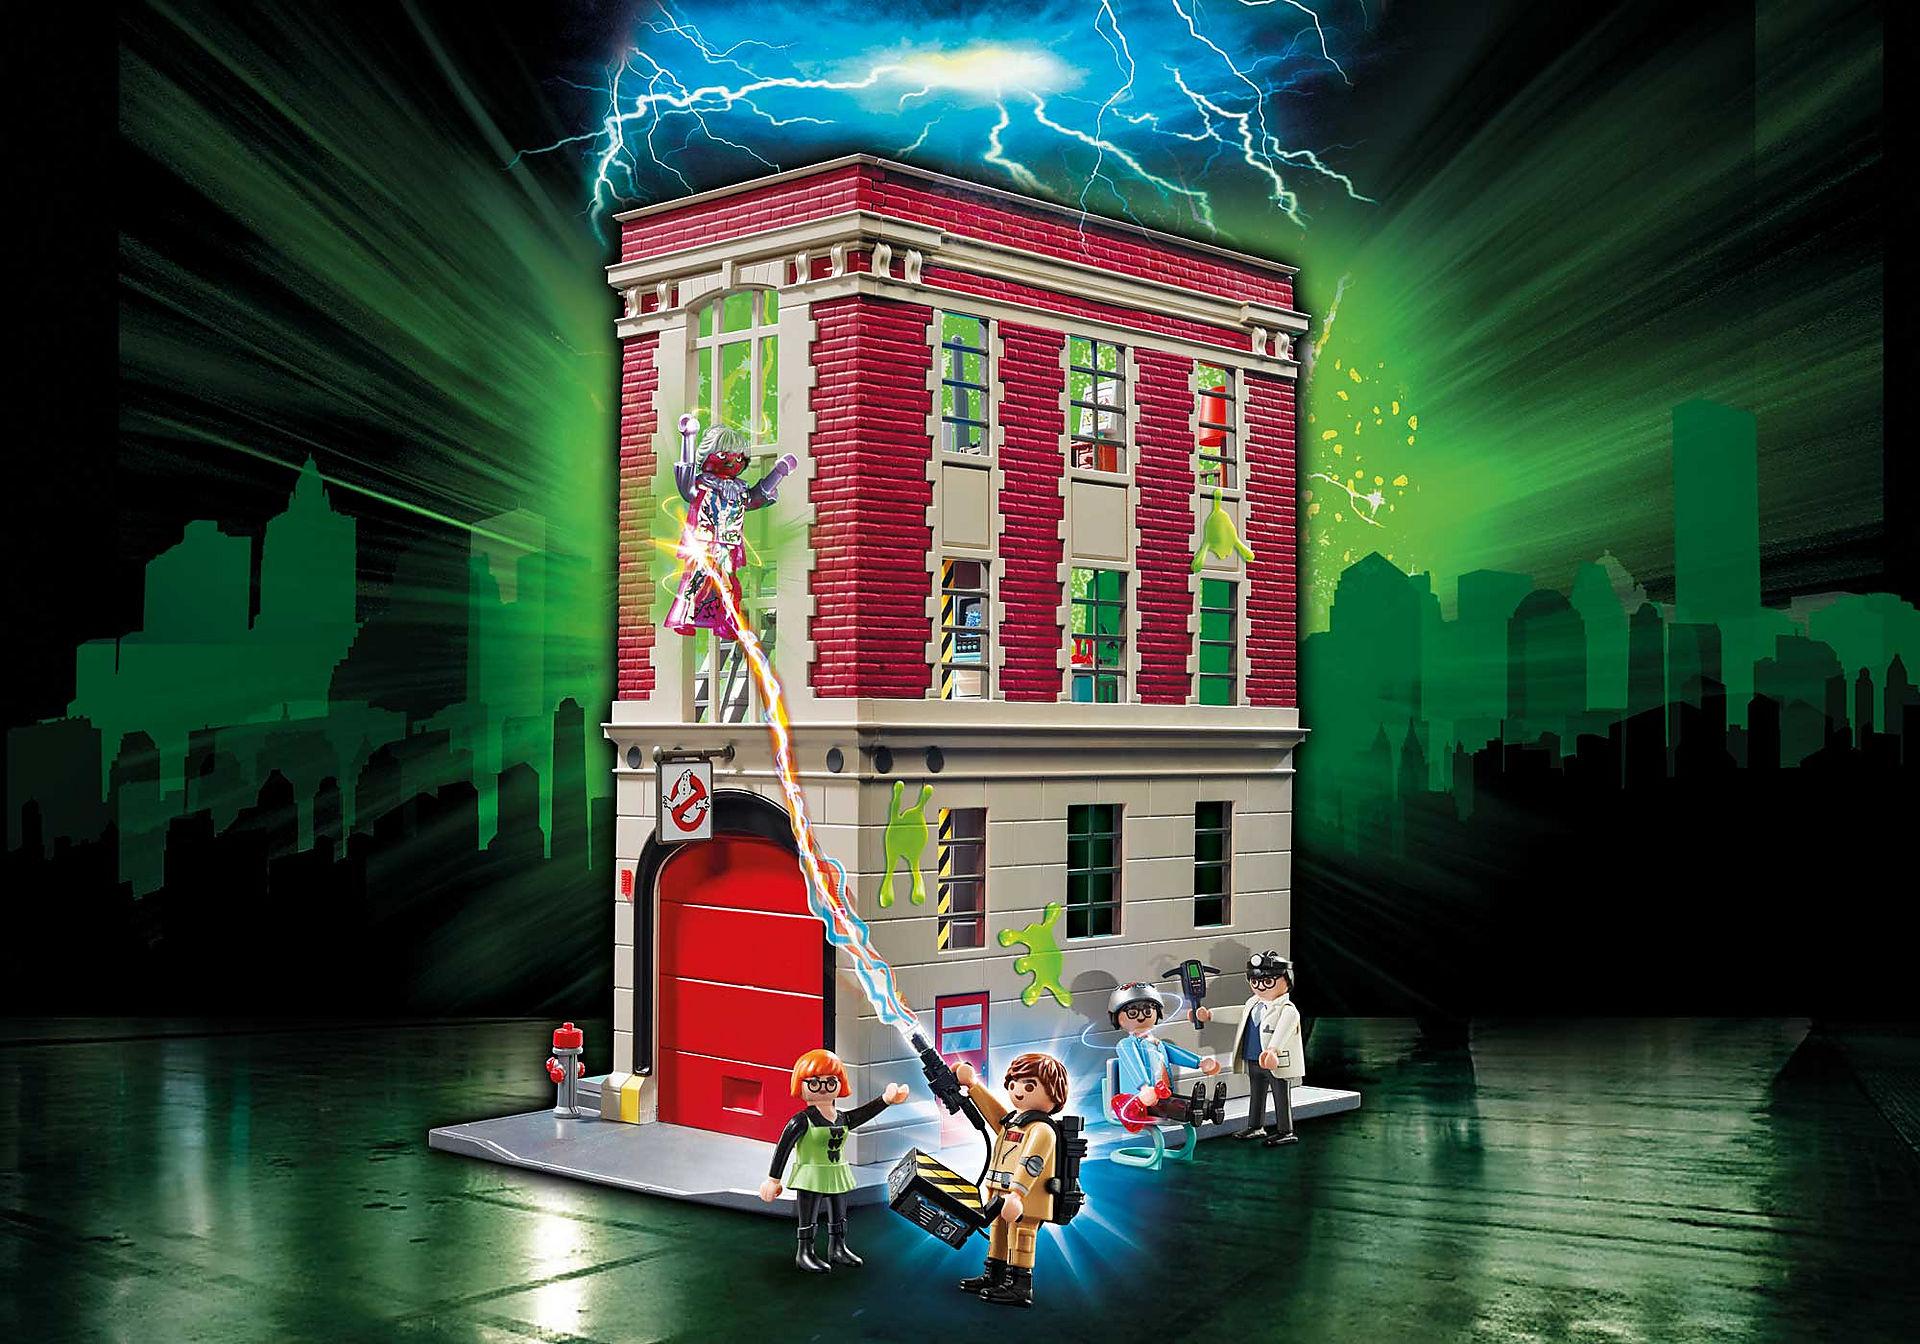 9219 Здание пожарной службы zoom image1